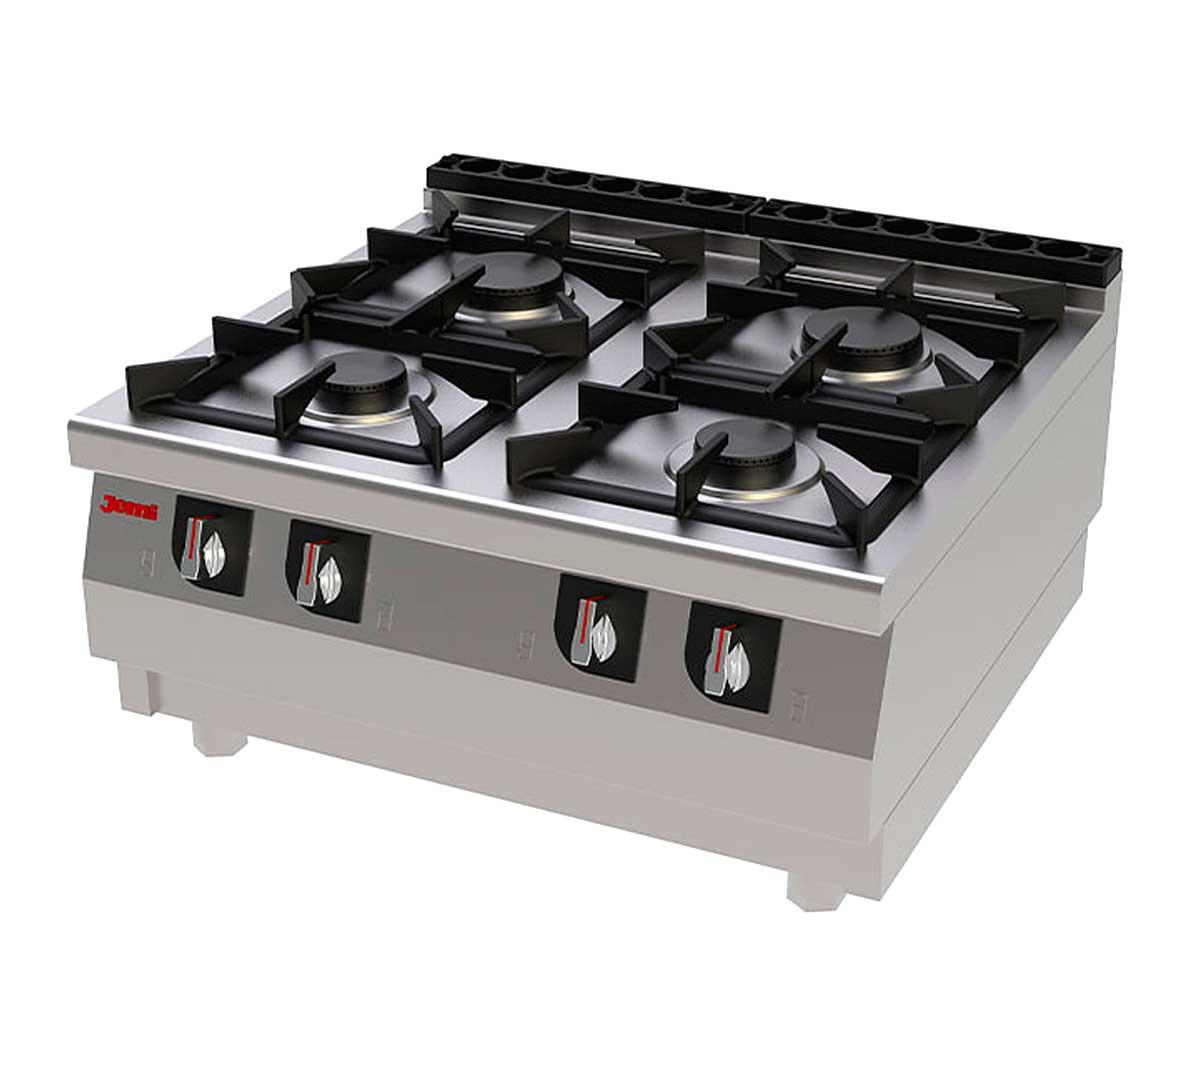 Cocina Jemi Serie 750 Eco